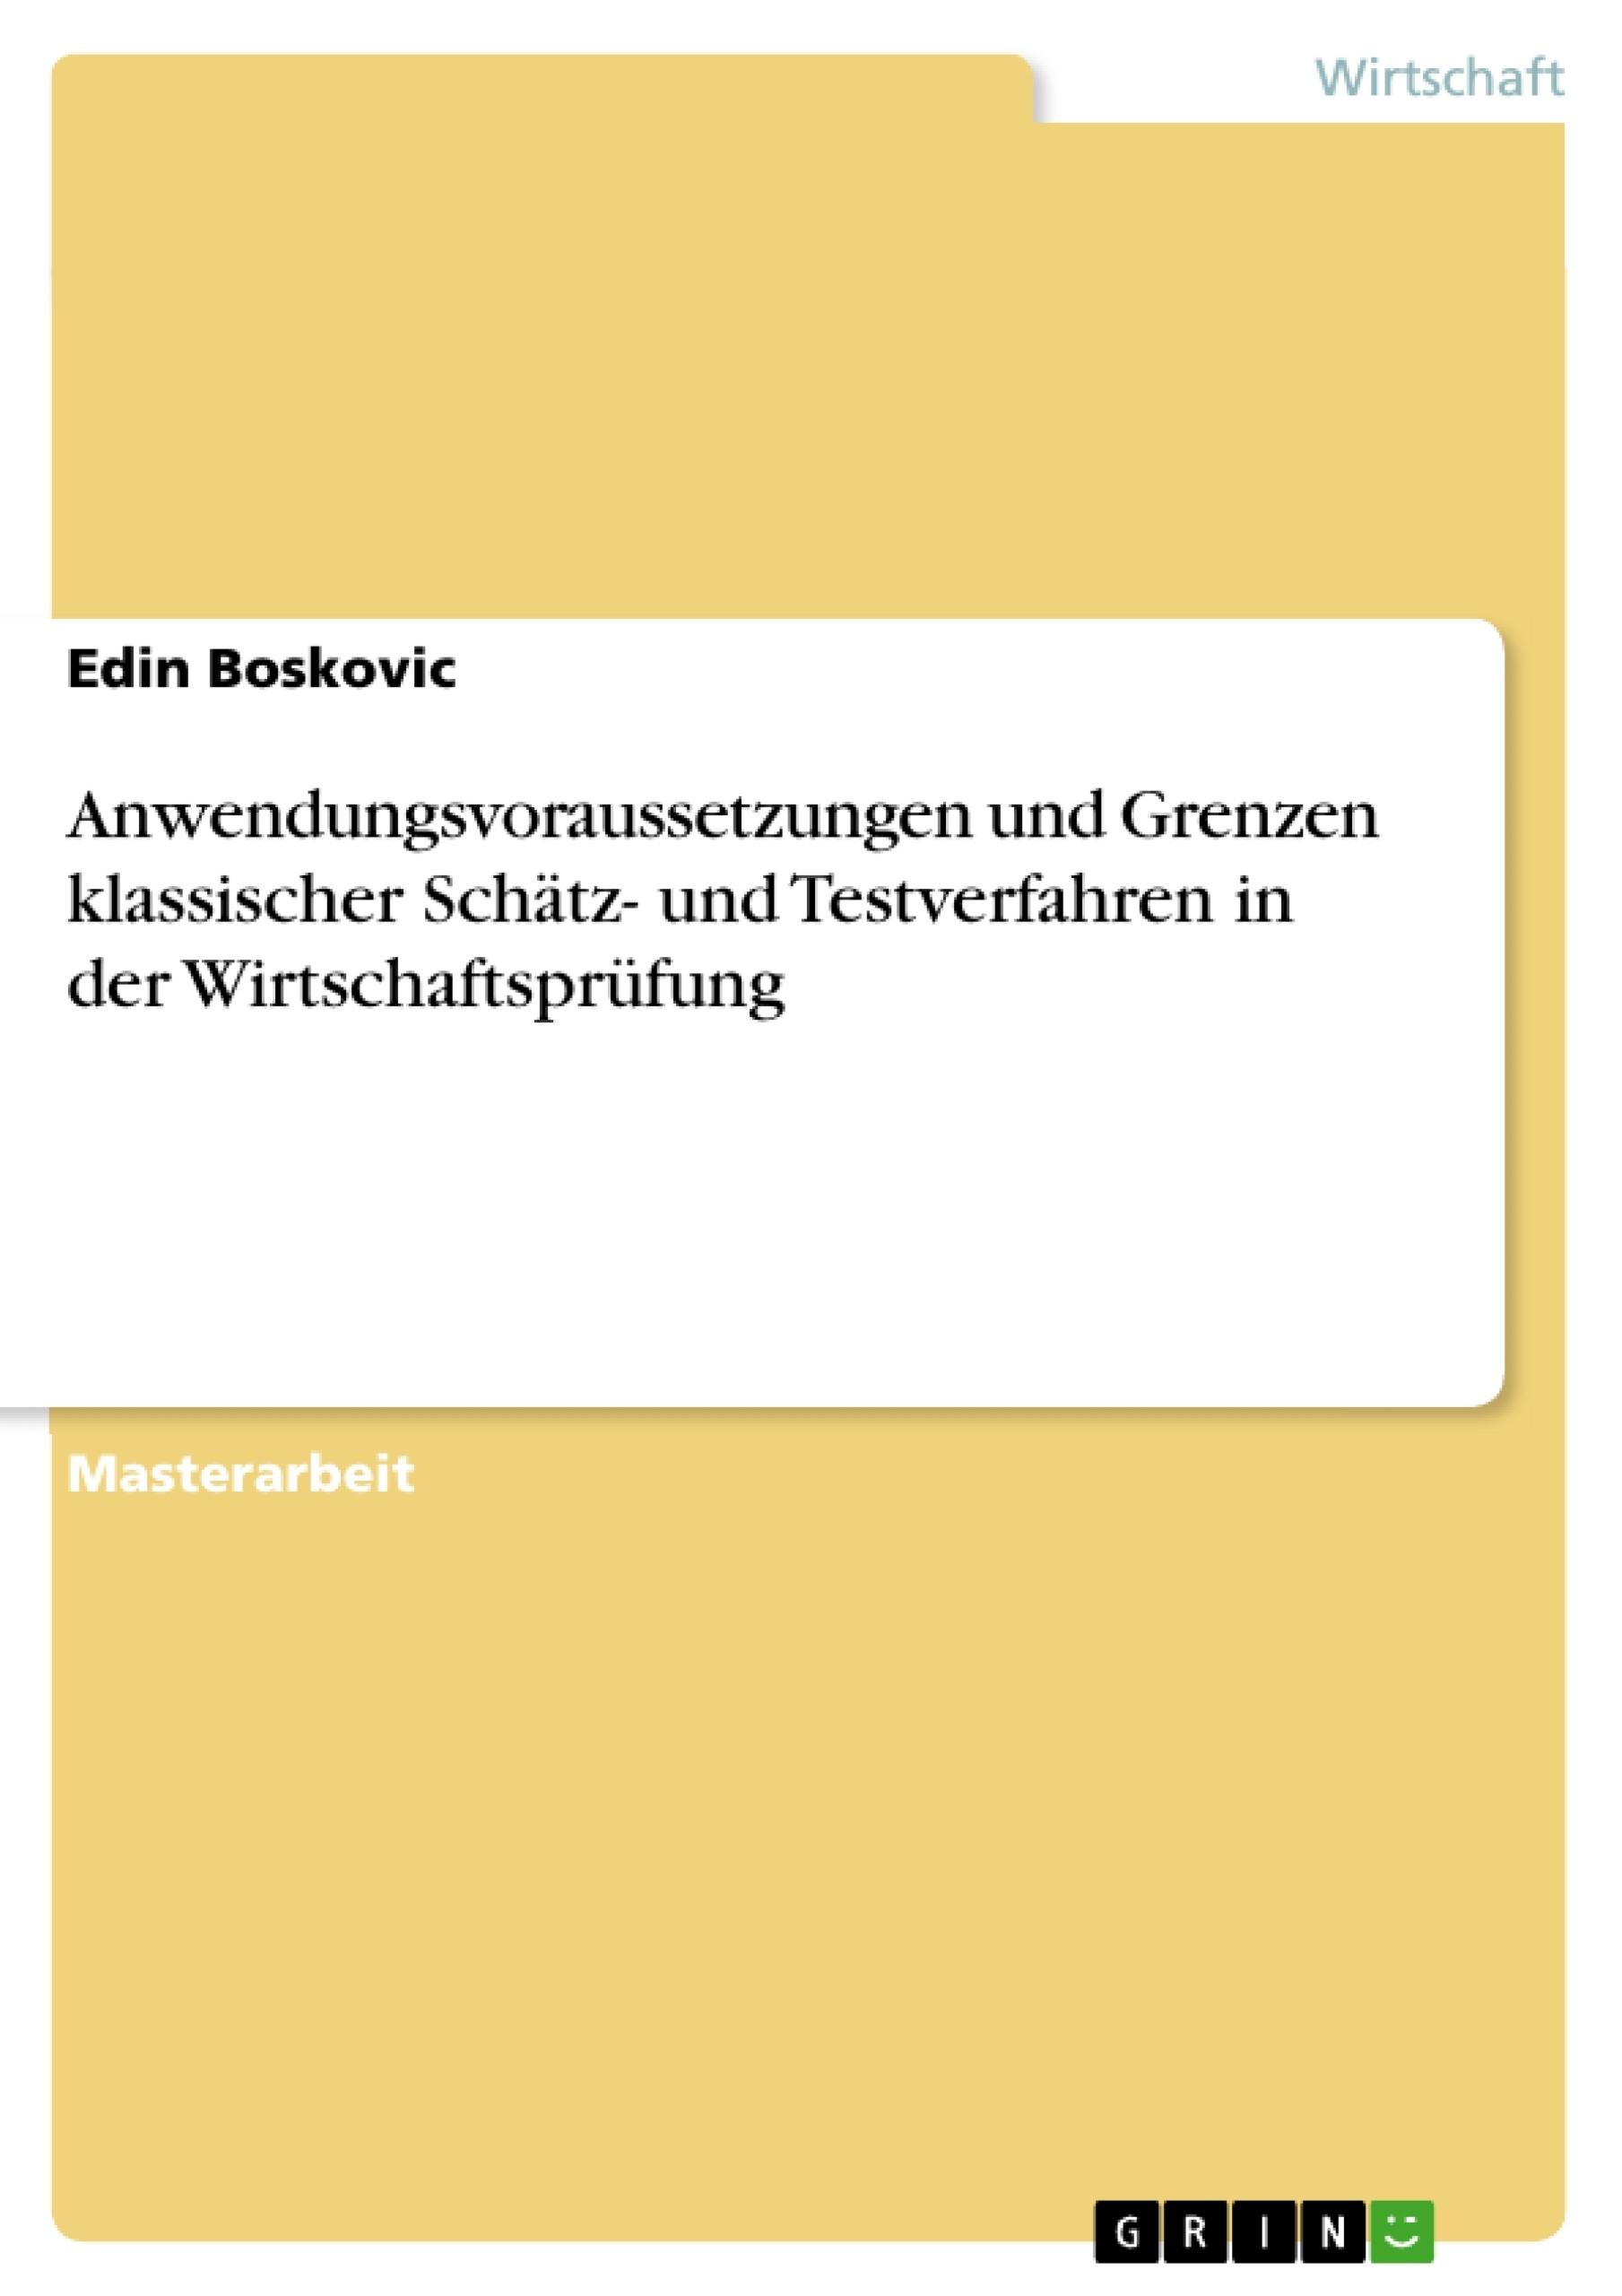 Titel: Anwendungsvoraussetzungen und Grenzen klassischer Schätz- und Testverfahren in der Wirtschaftsprüfung